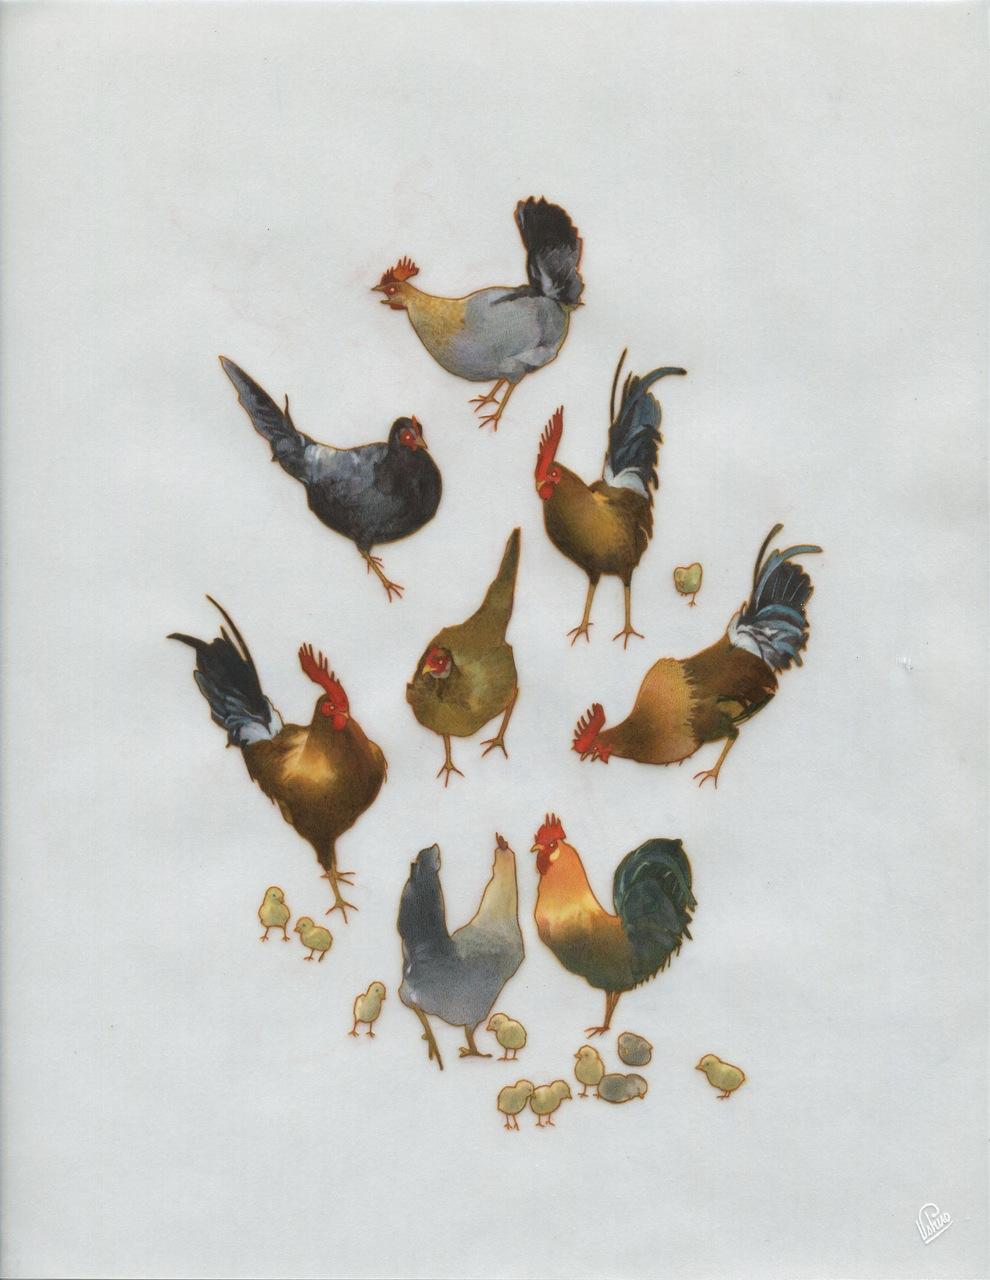 EDWIN USHIRO Wild Chickens (2015)